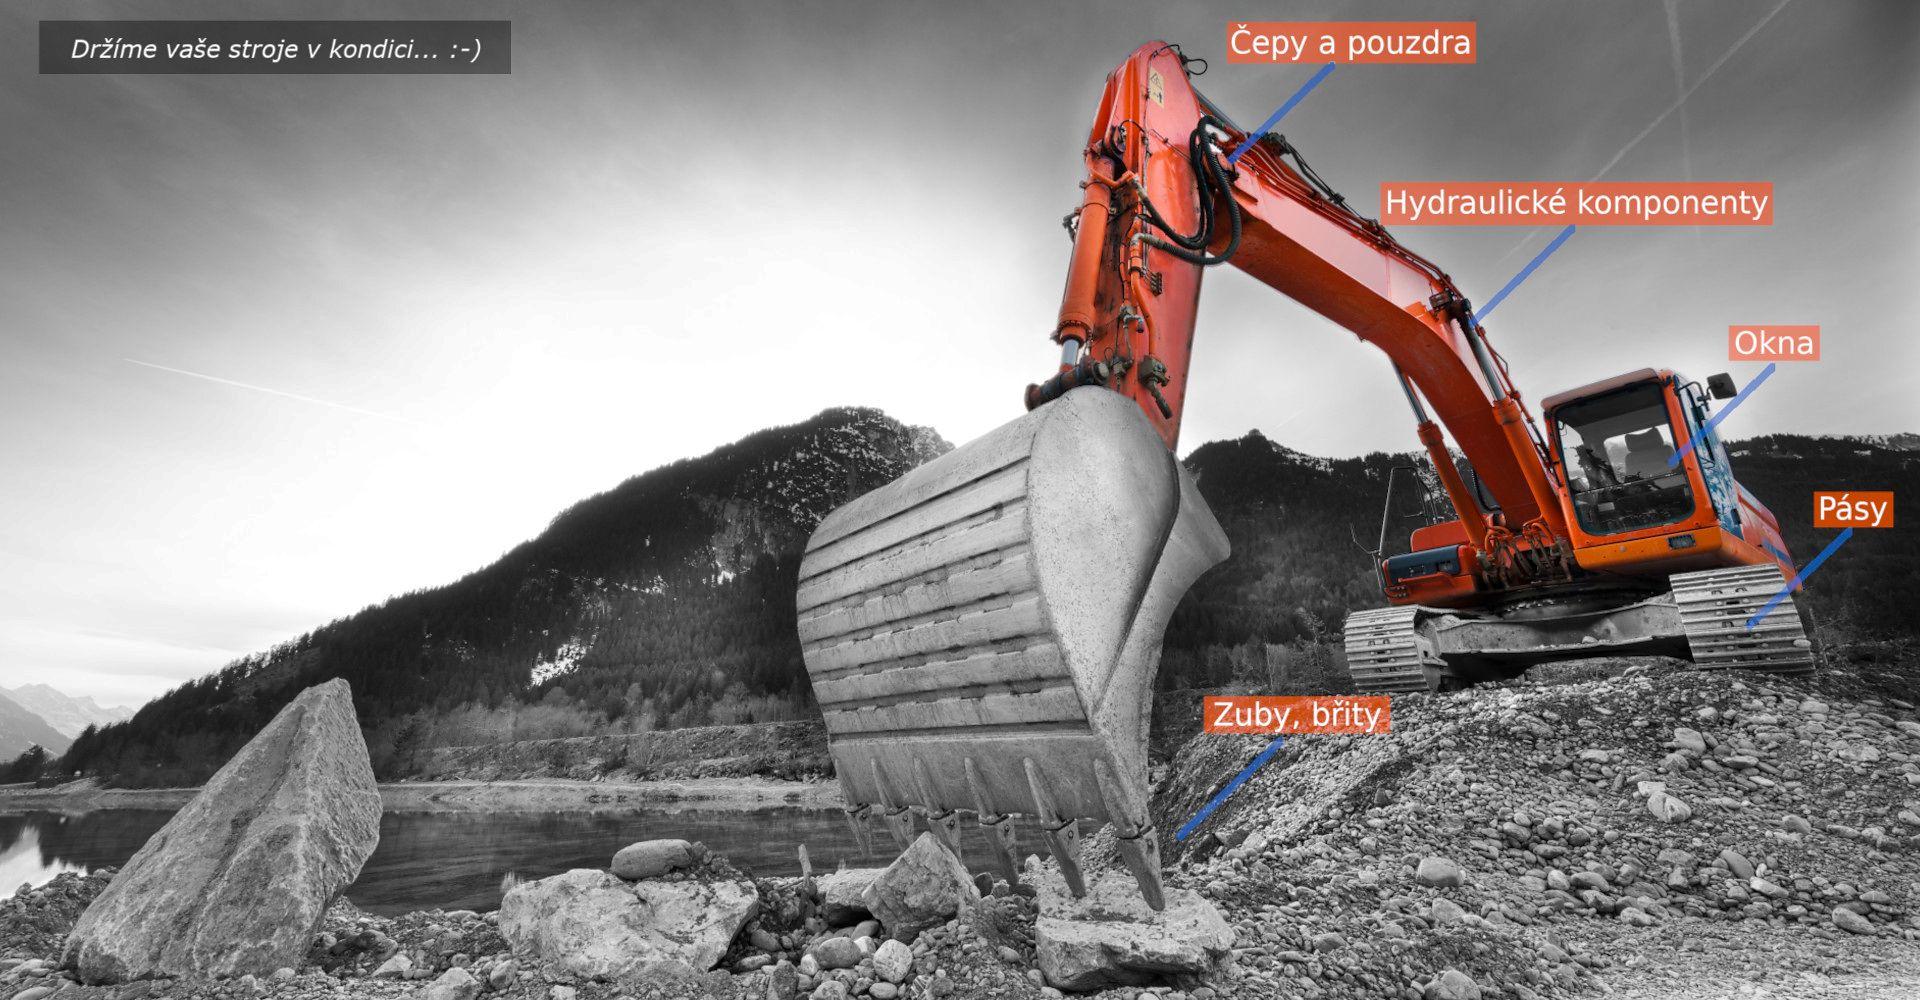 Náhradní díly pro stavební stroje